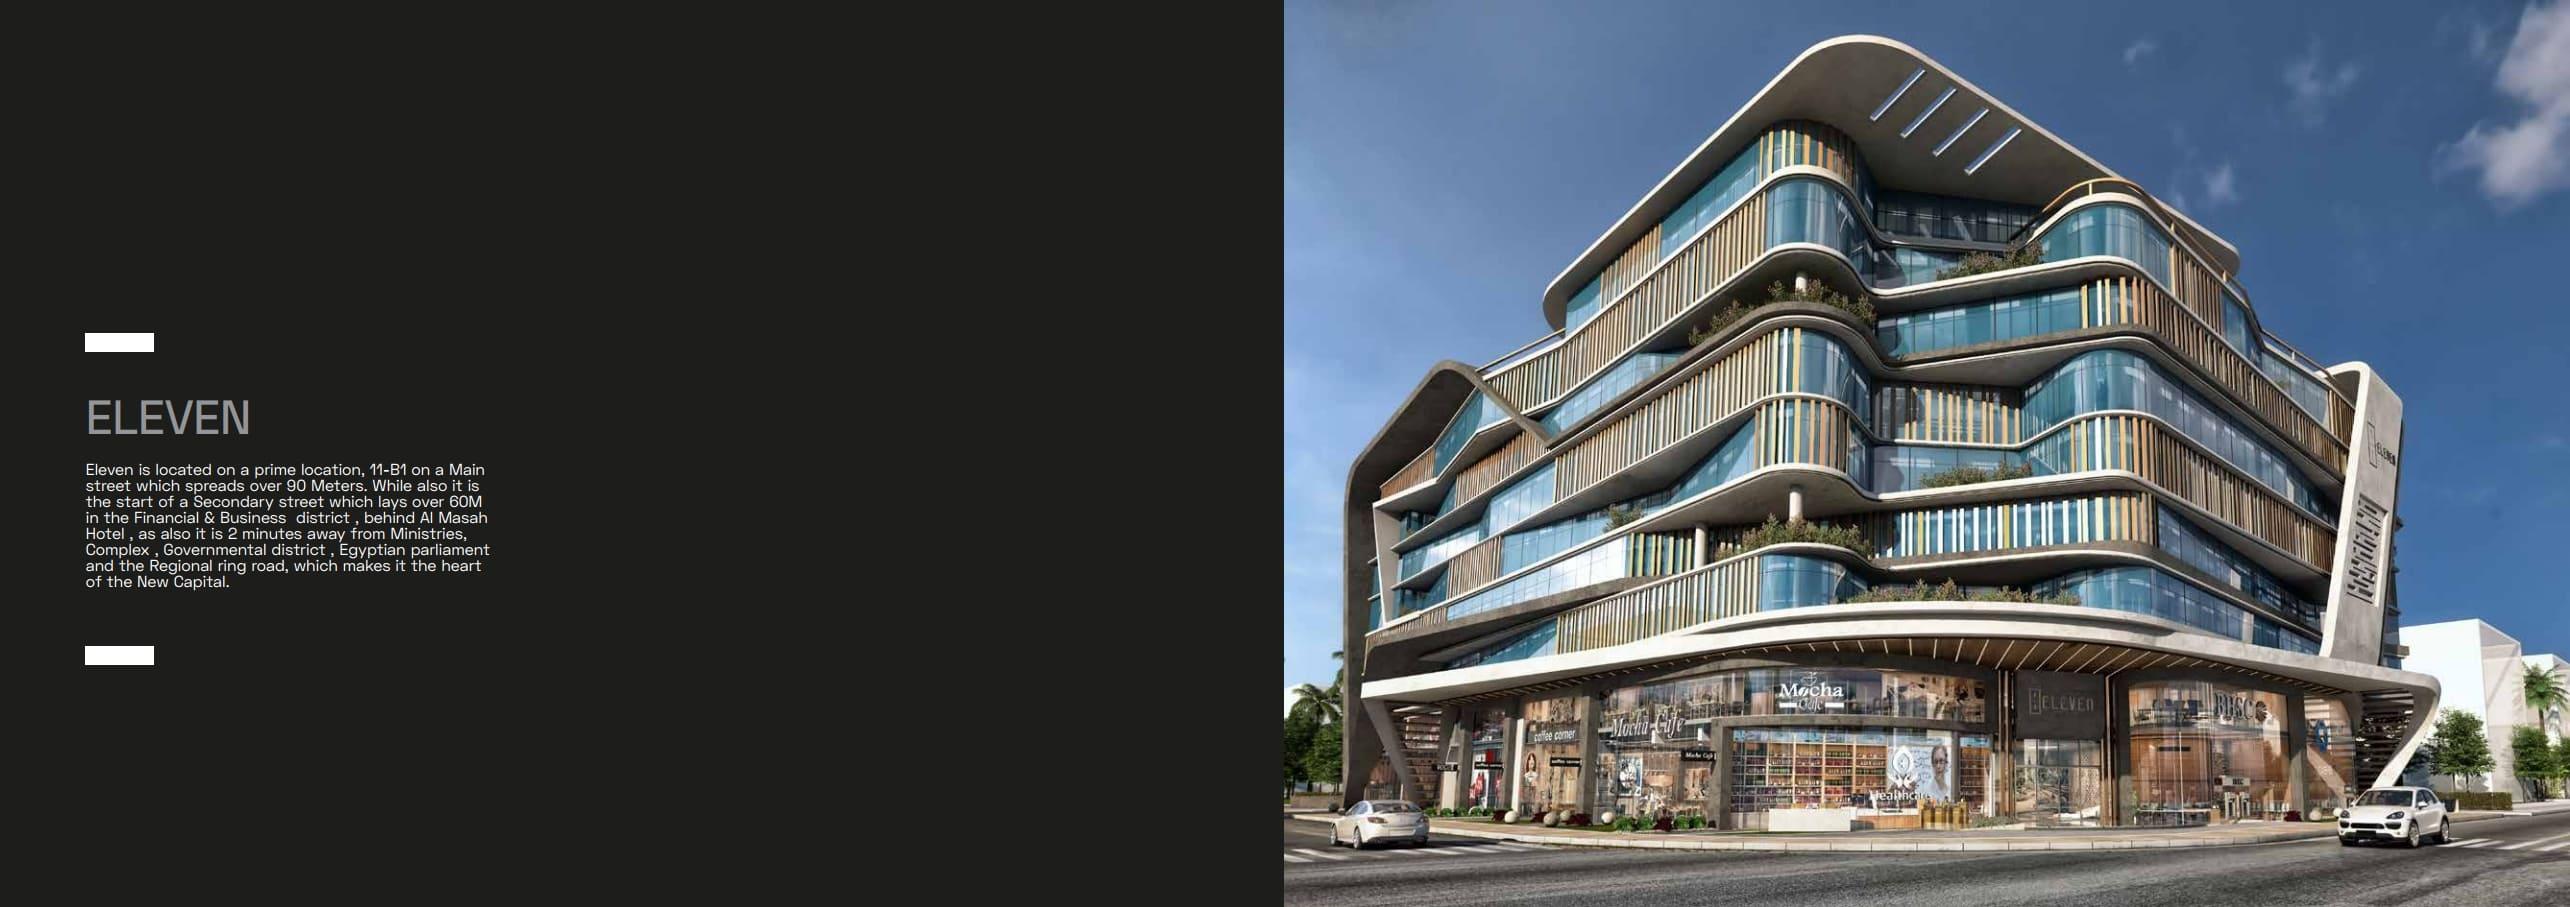 تصميم كمبوند إيلفين مول العاصمة الادارية الجديدة